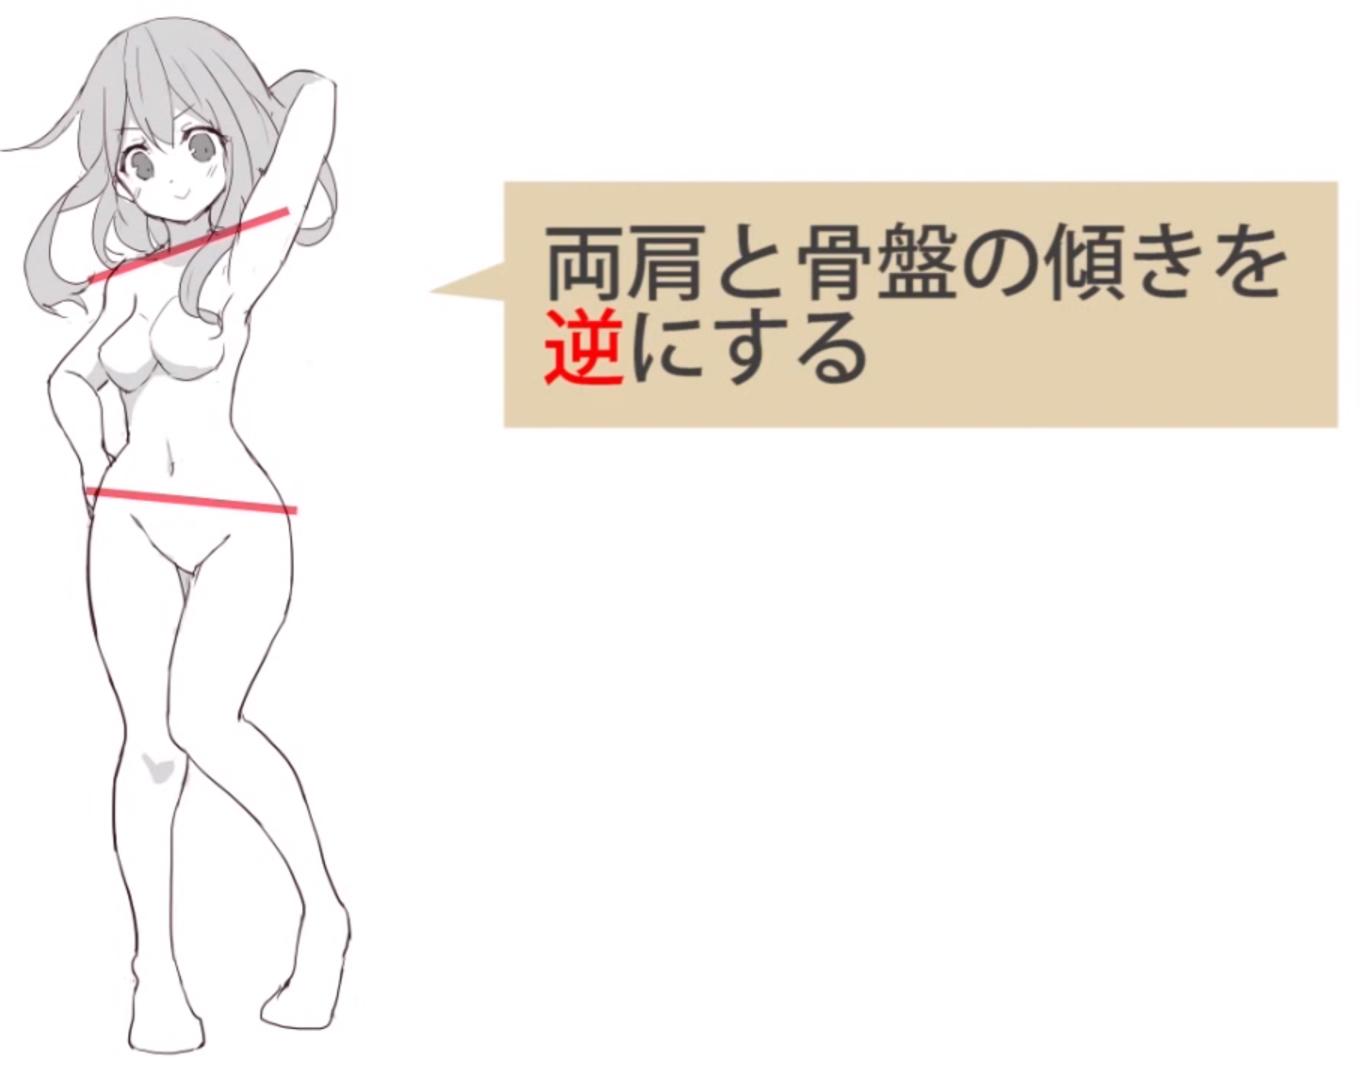 動きのあるポーズをマスターする 躍動感のあるキャラクターを描くコツ